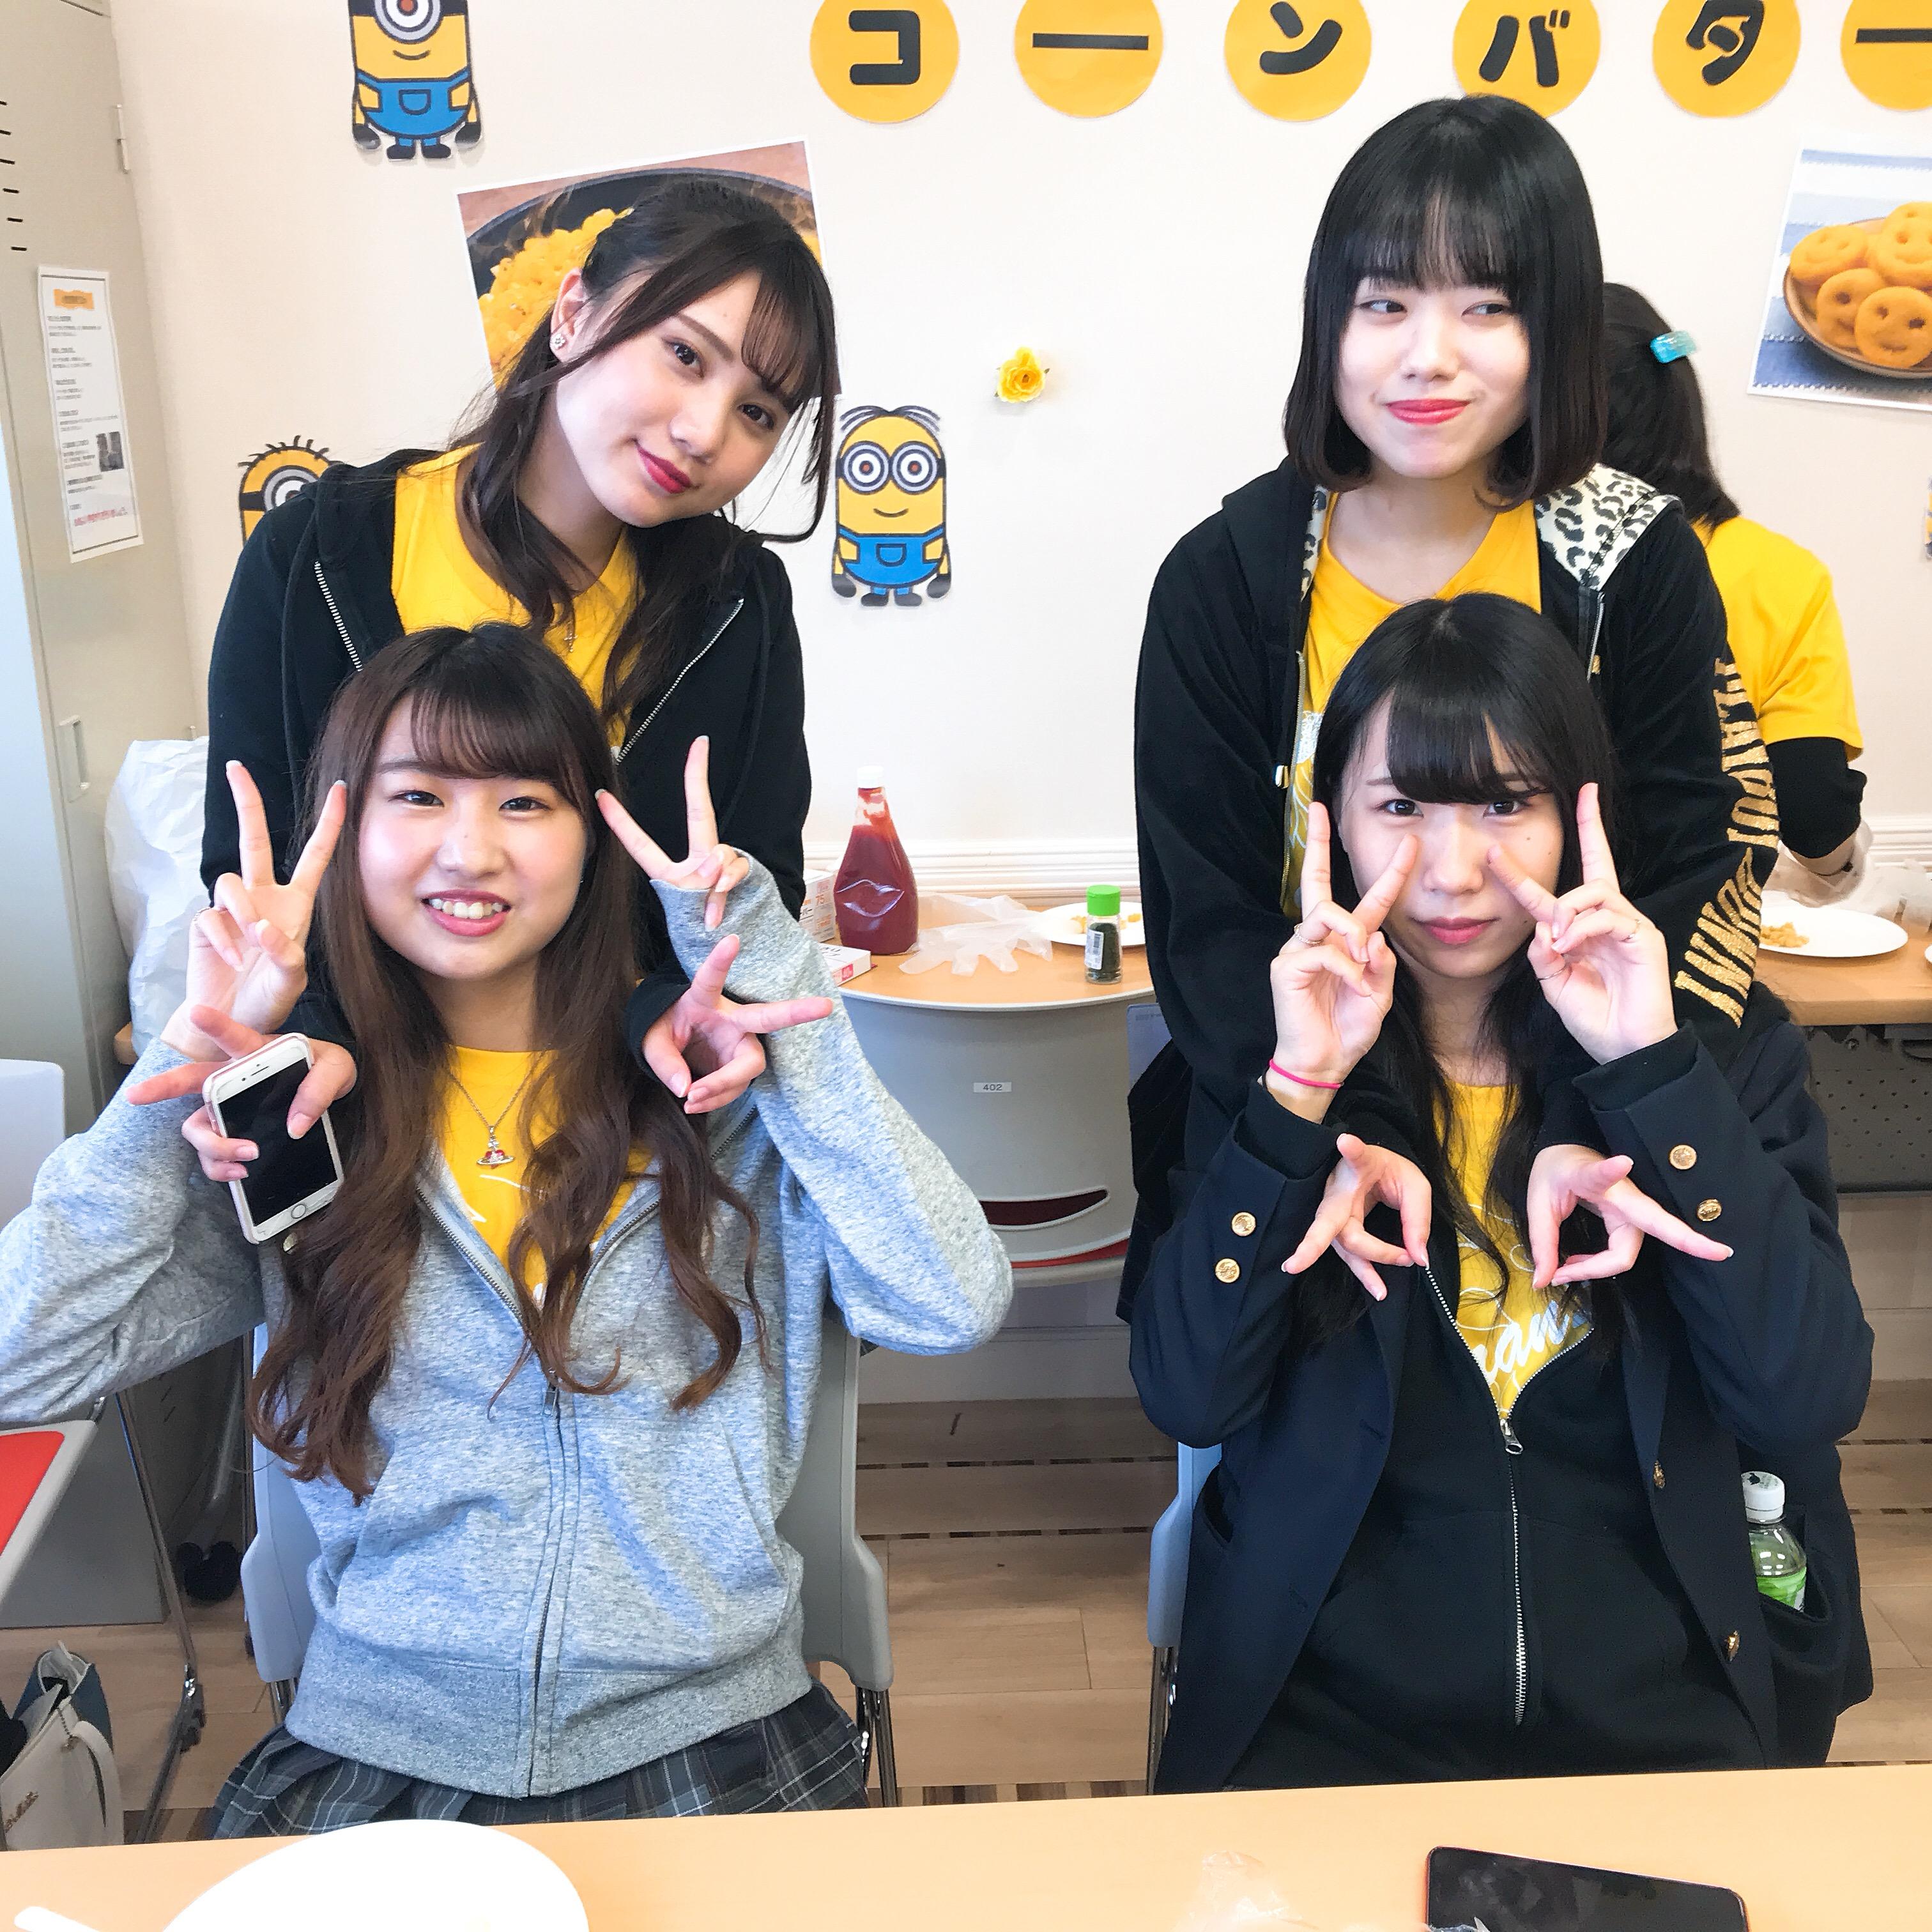 黄色①.JPG